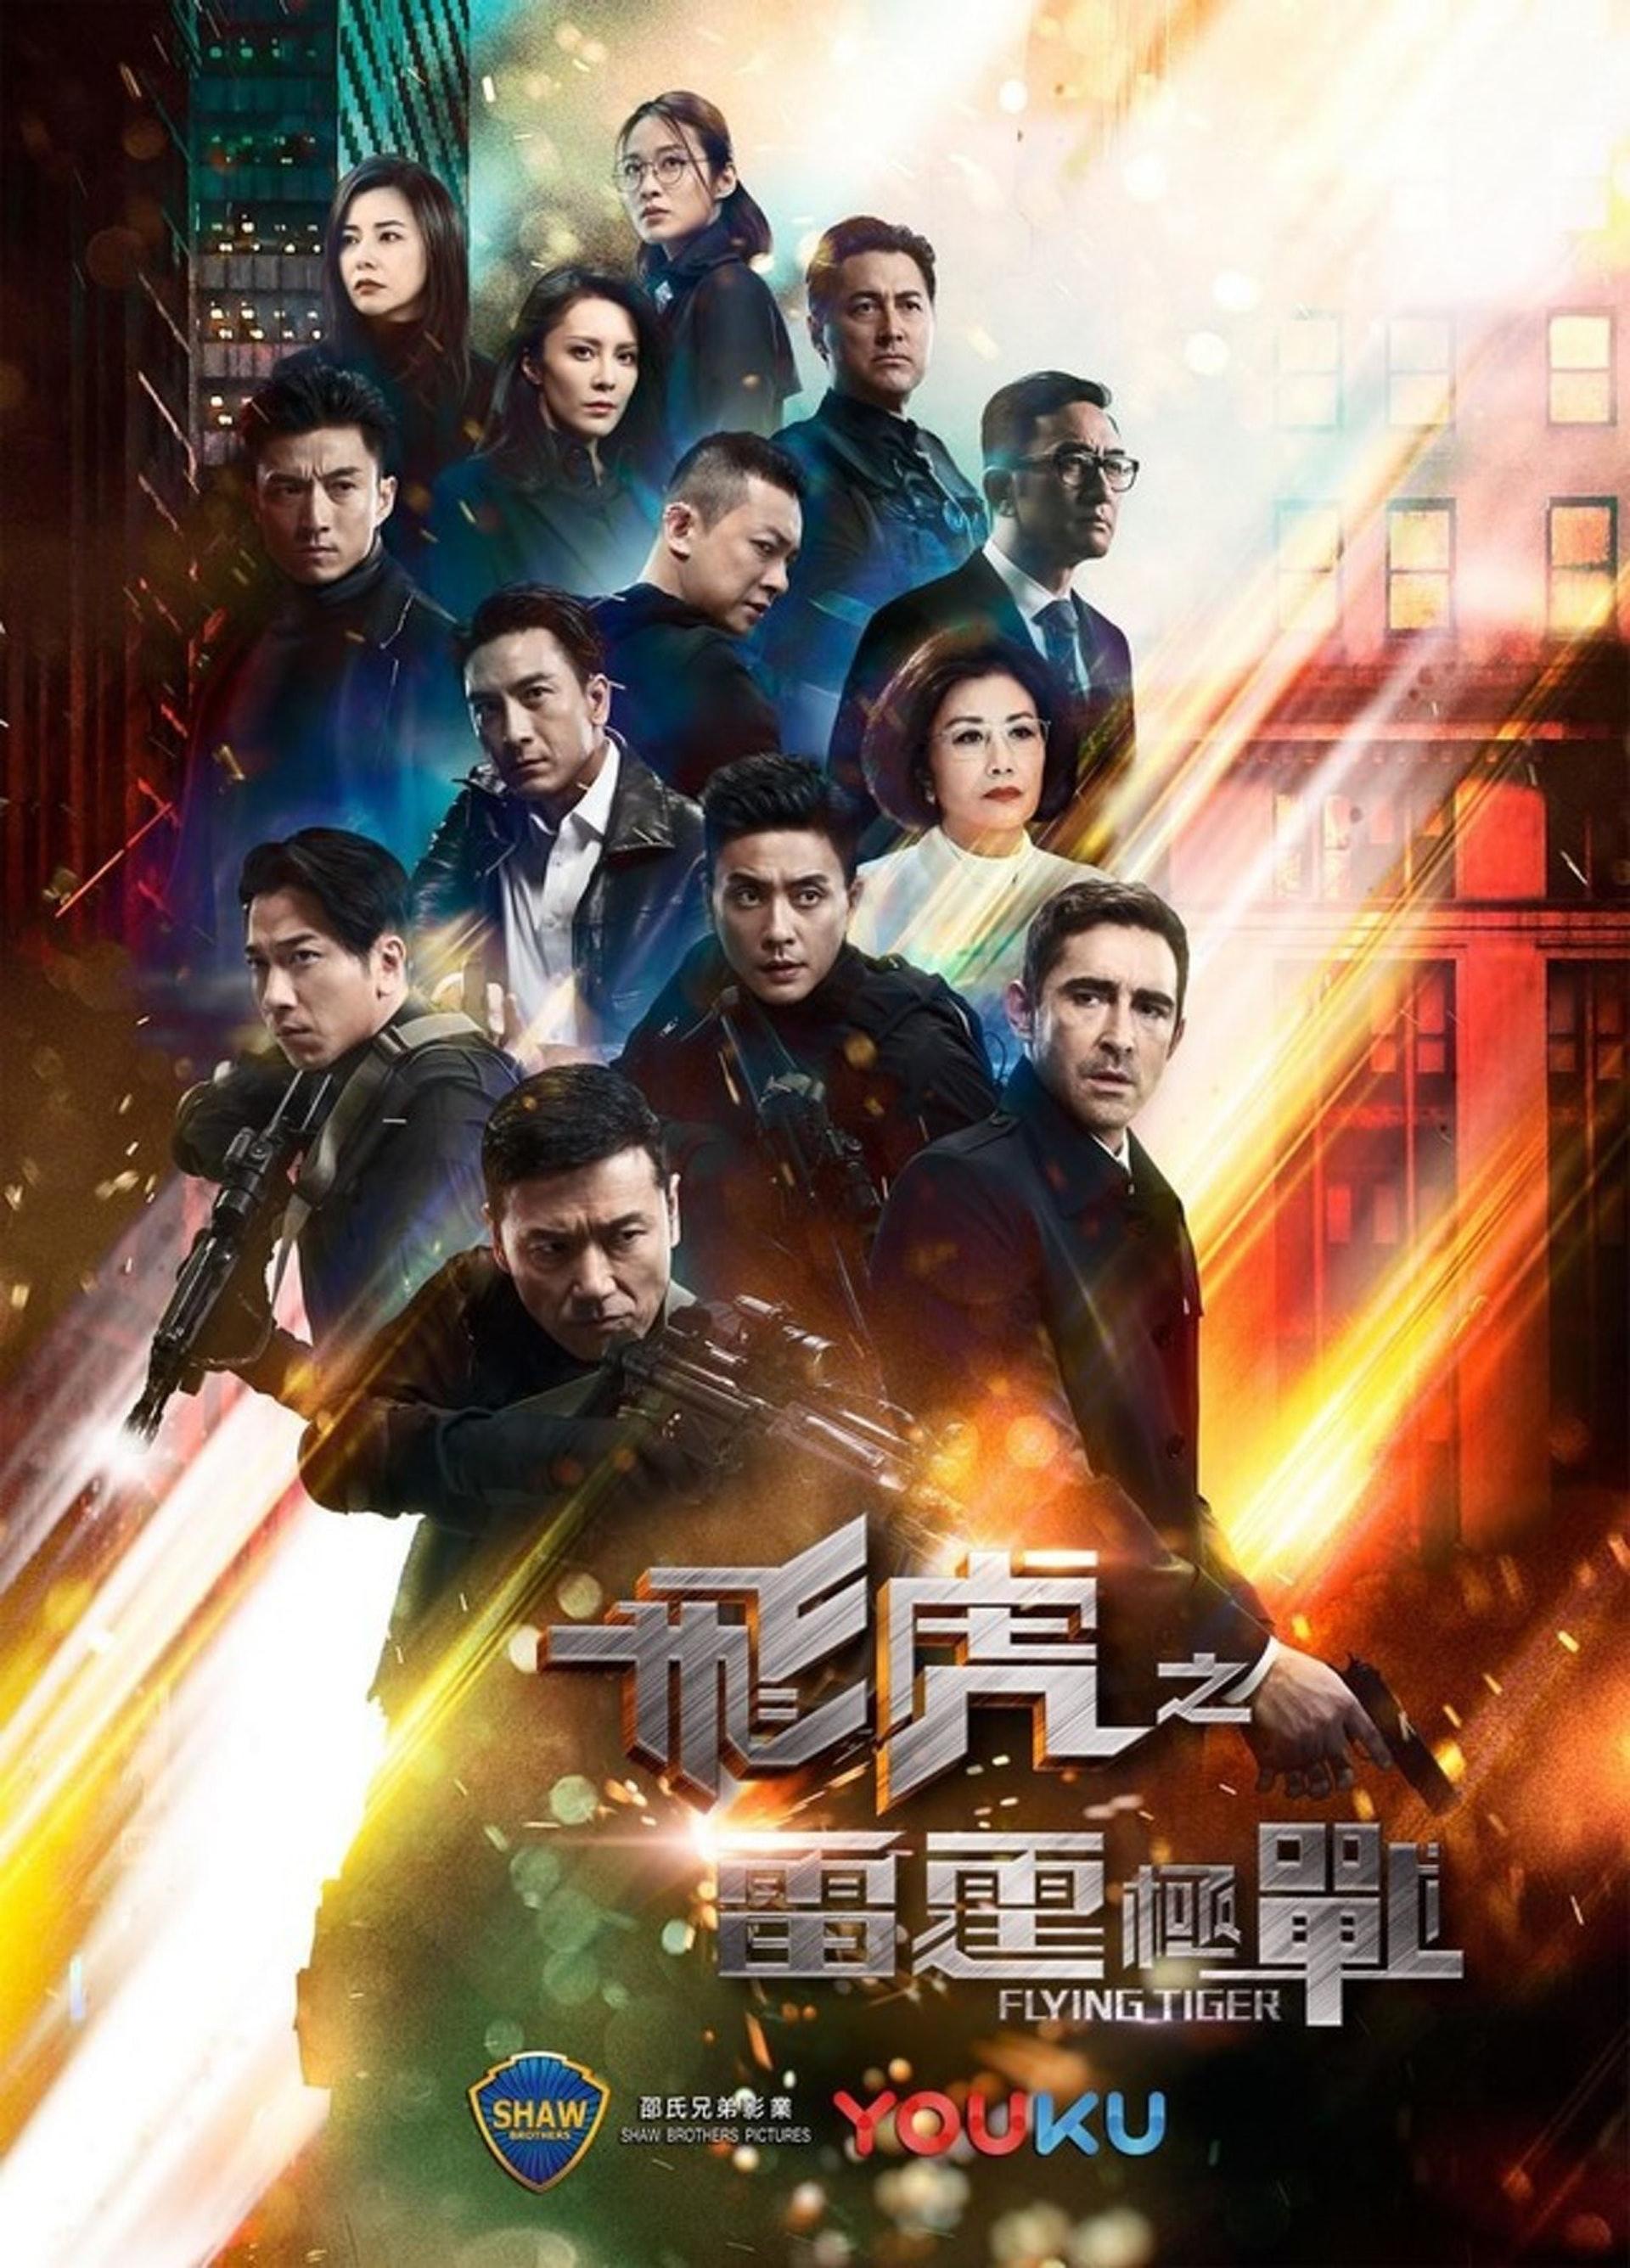 「修例風波」導致香港警民關係緊張,《飛虎之雷霆極戰》在香港尚未有映期。(劇集海報)